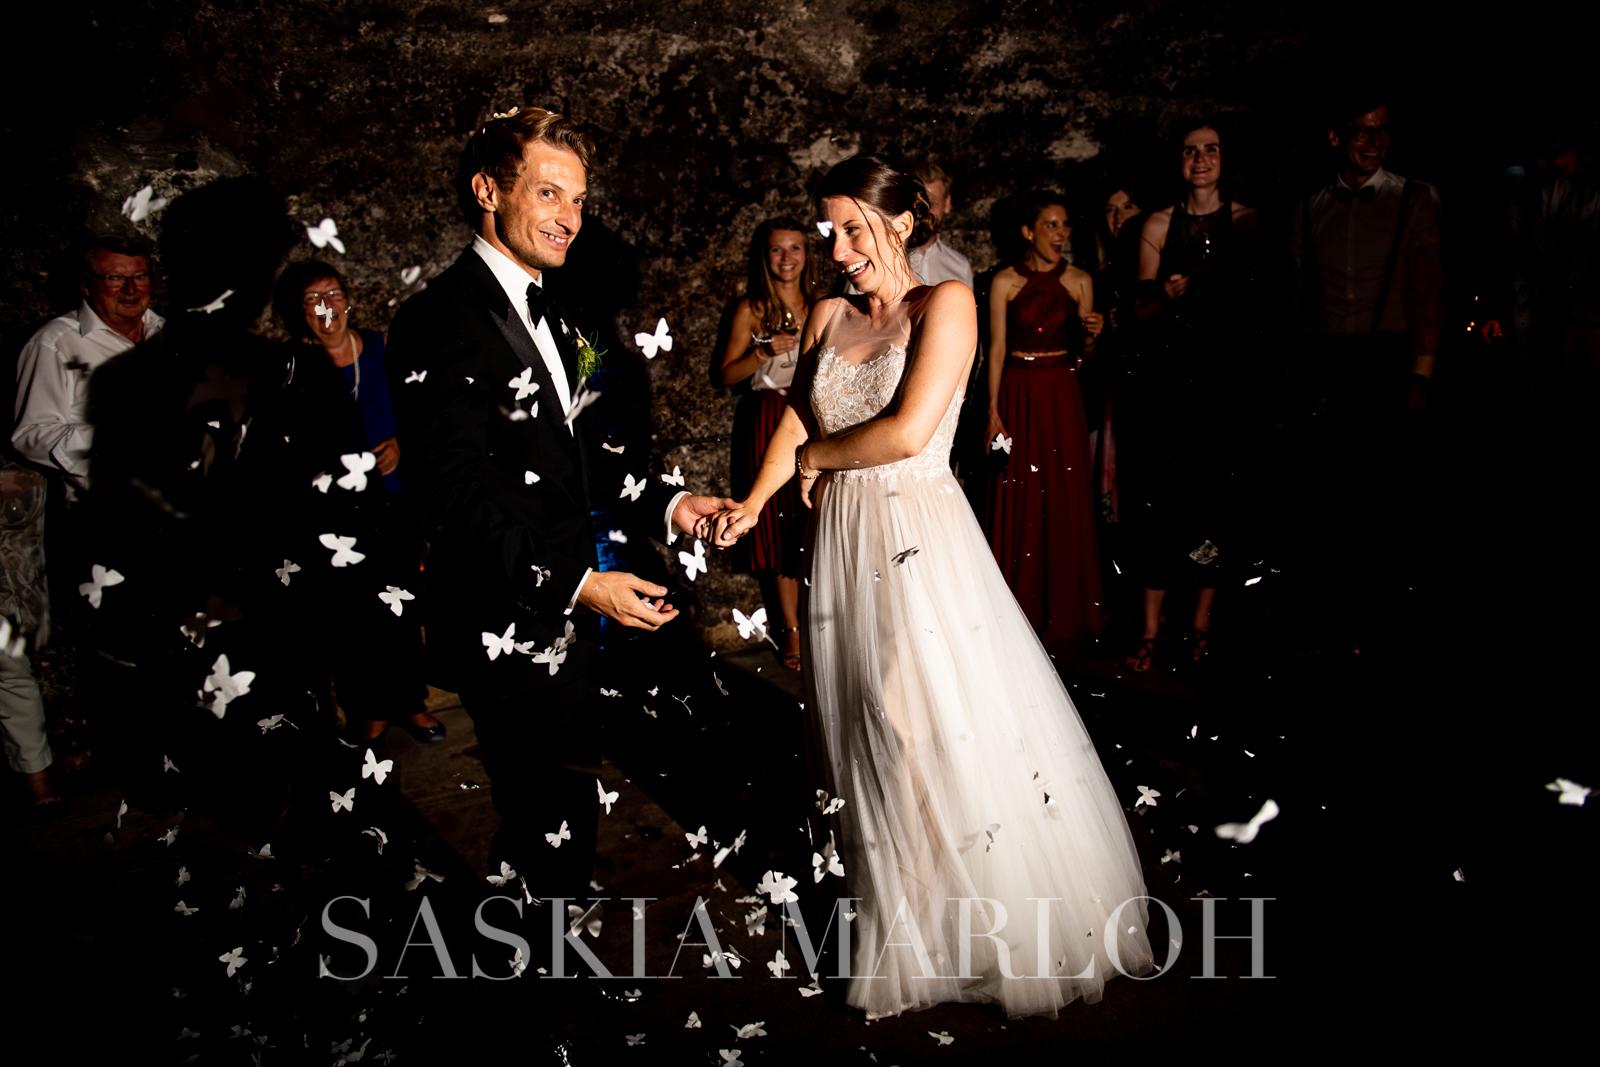 WEINGUT-BALTHASAR-RESS-HATTENHEIM-WEDDING-HOCHZEIT-FOTO-PHOTO-SASKIA-MARLOH-665